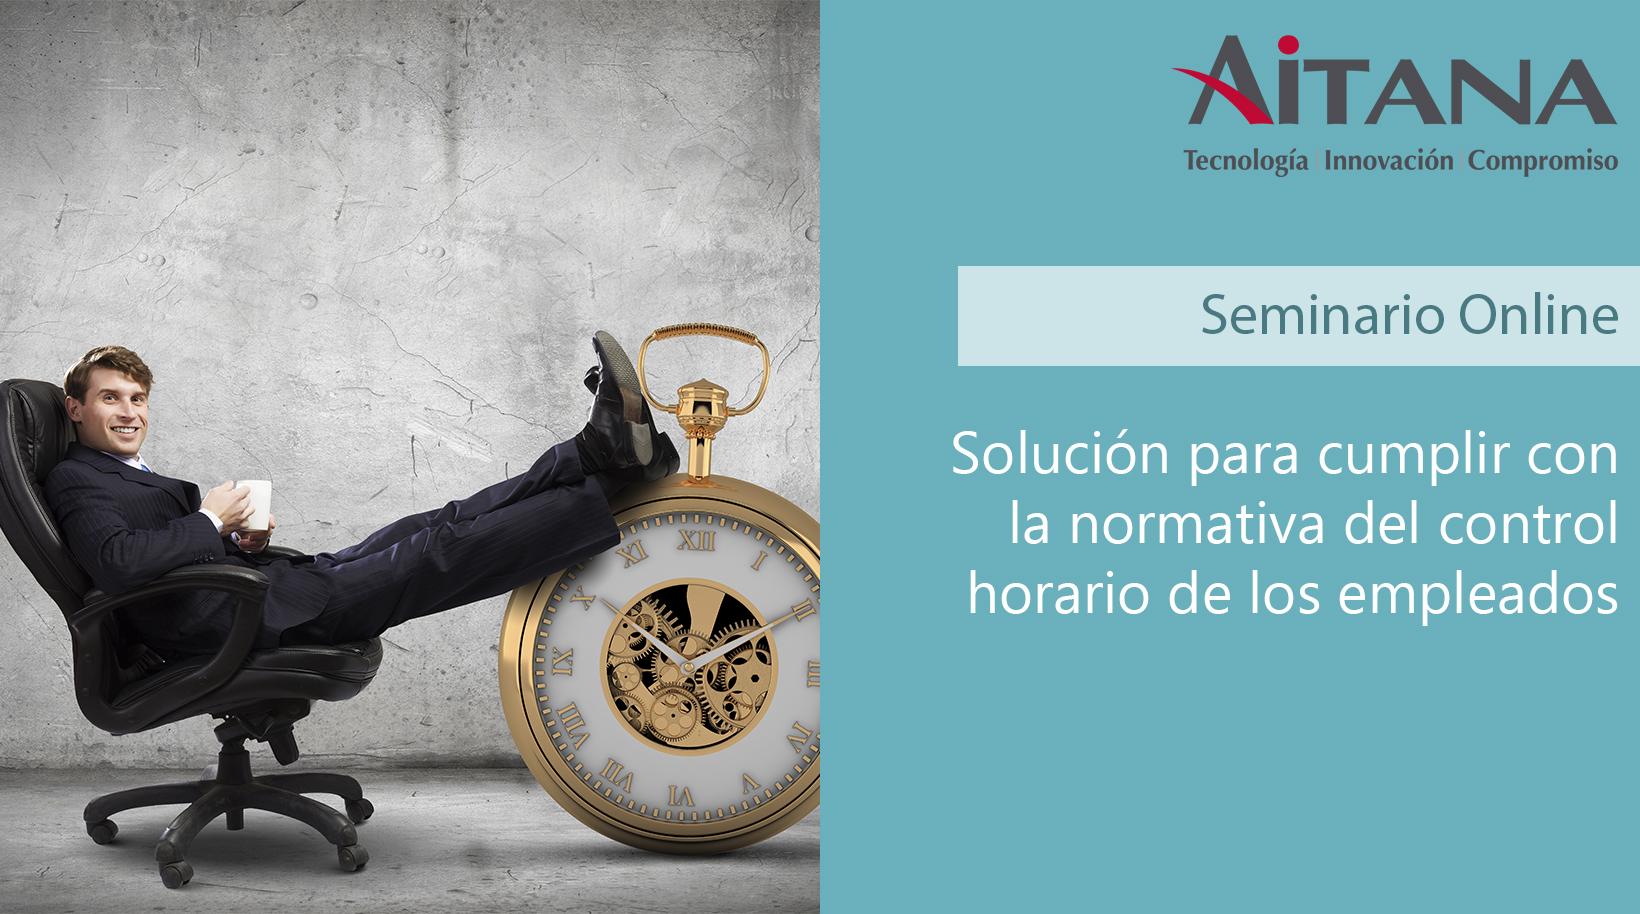 Solución para cumplir con la normativa del control horario de los empleados